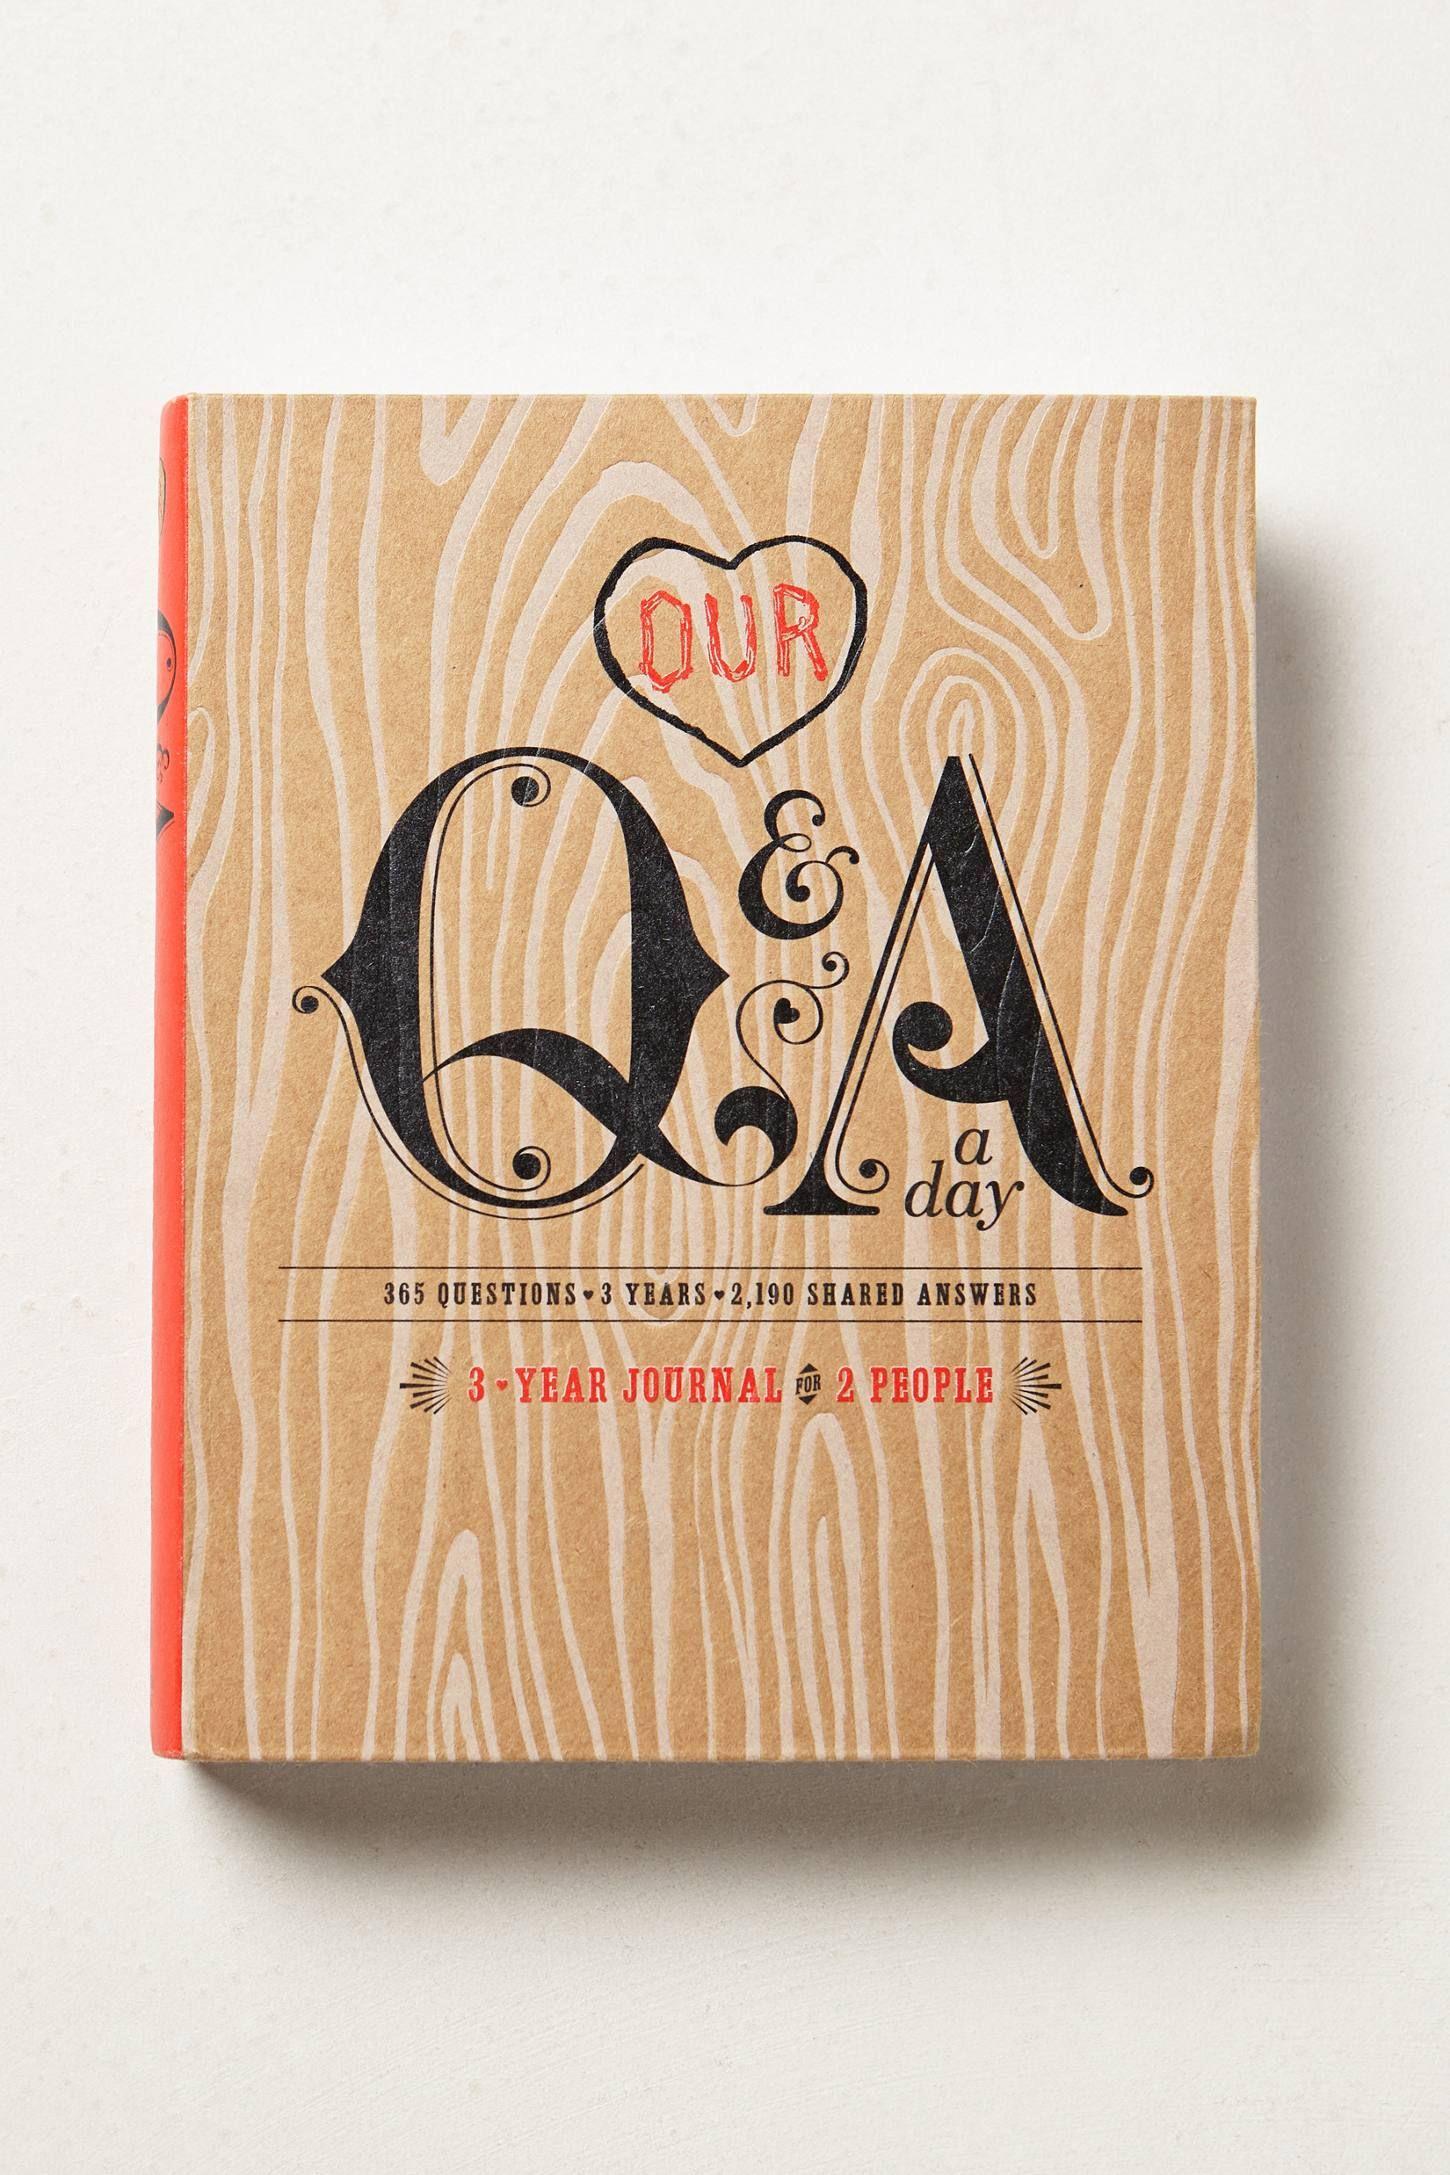 Carnet Q&A A Day - .. permet de noter les pensées, les sentiments et les événements qui marquent votre vie sur une période de trois à cinq ans. Rempli de questions parfois provocantes (à quel point êtes-vous heureux?), parfois étranges (que ressentez-vous en ce moment?), ... anthropologie.com